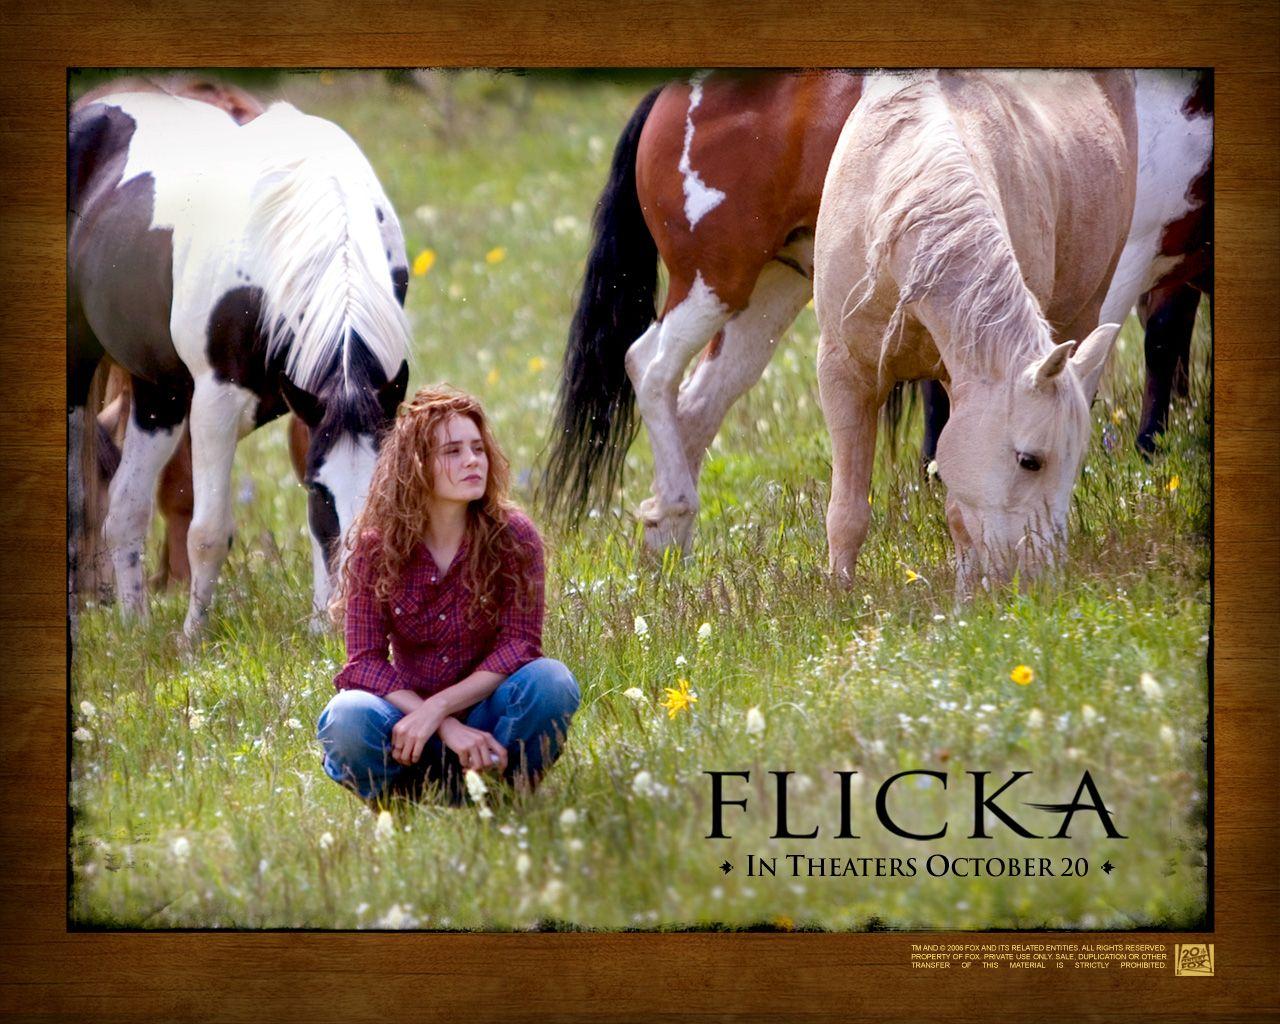 Popular Wallpaper Horse Flicka - 9de672abd1bc65e27c59f2a5a8c2162a  Graphic_434617.jpg